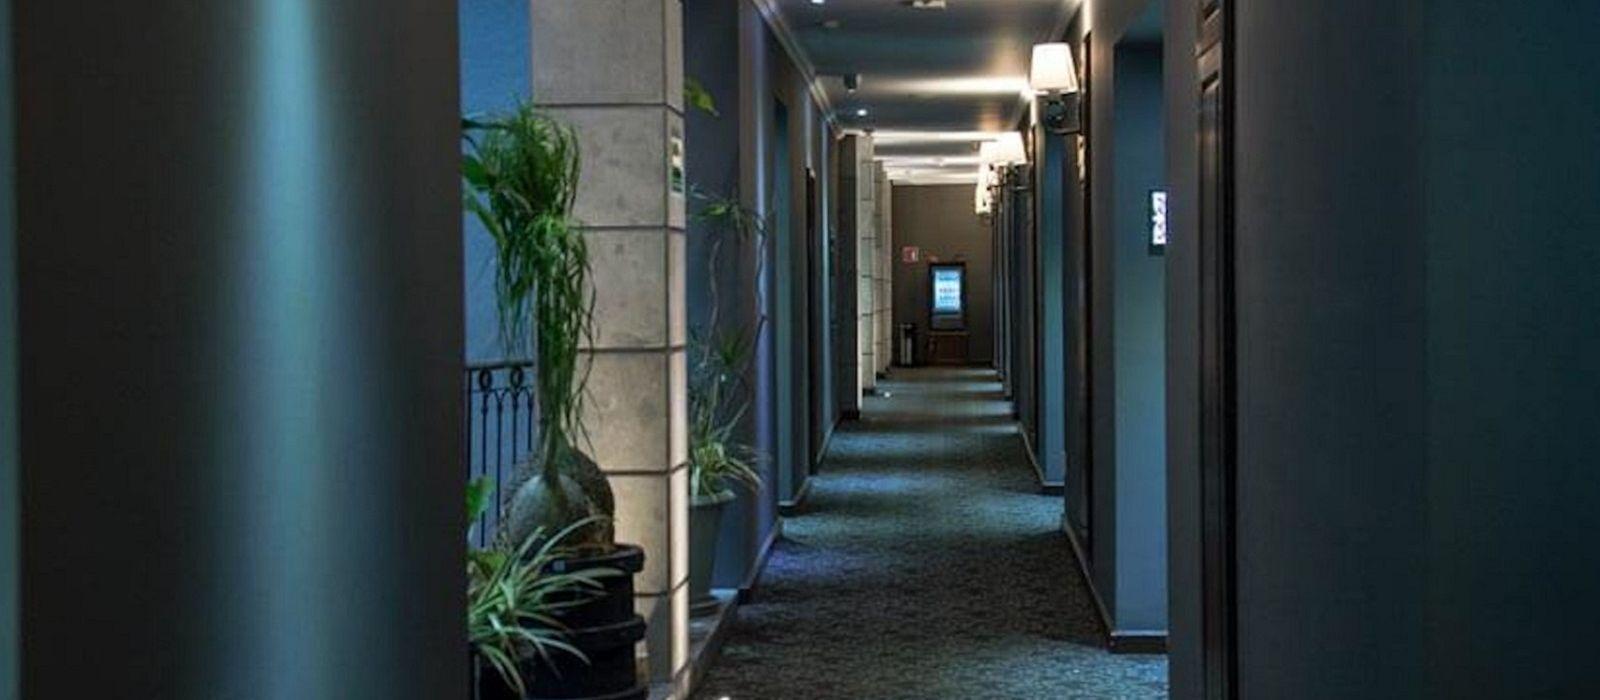 Hotel Zocalo Central Mexico City Mexico